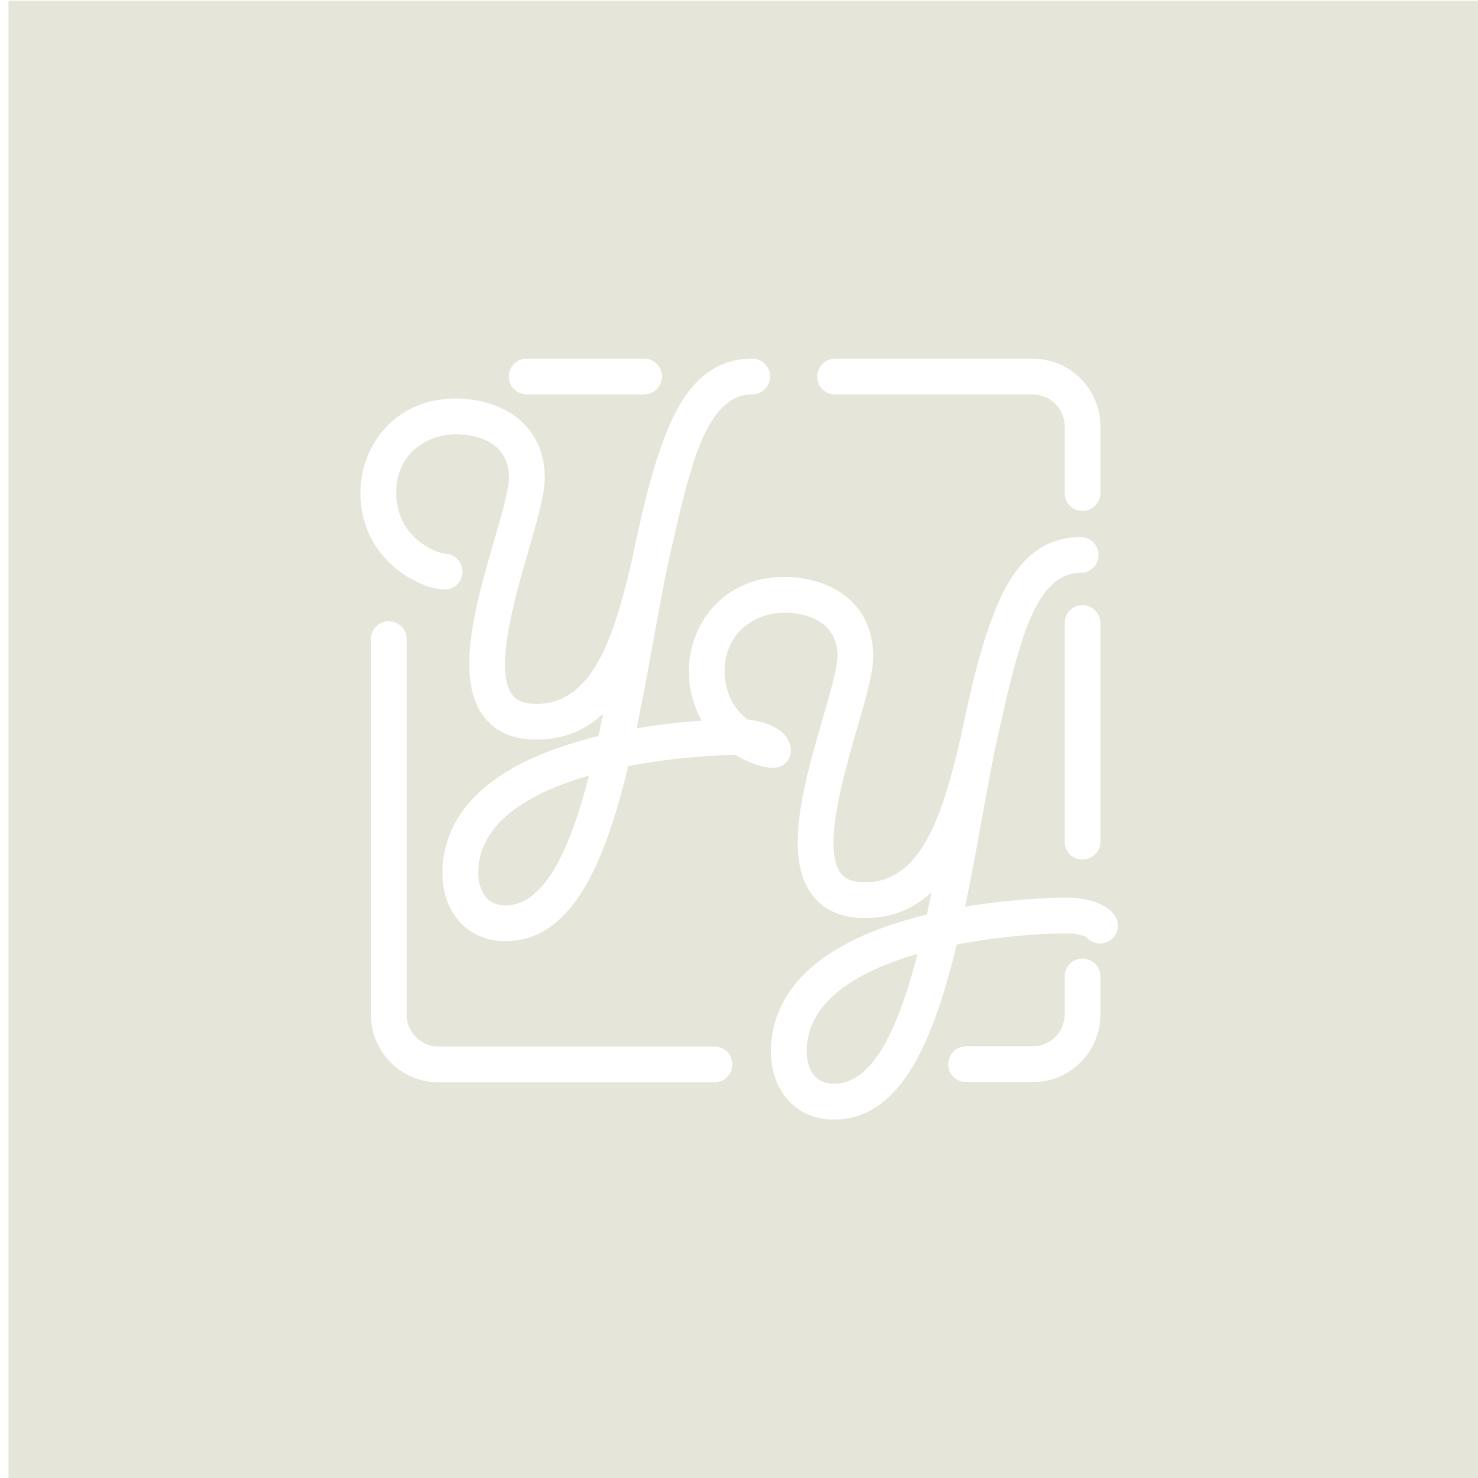 Youth_Yarrow_StyleBoard-05.jpg